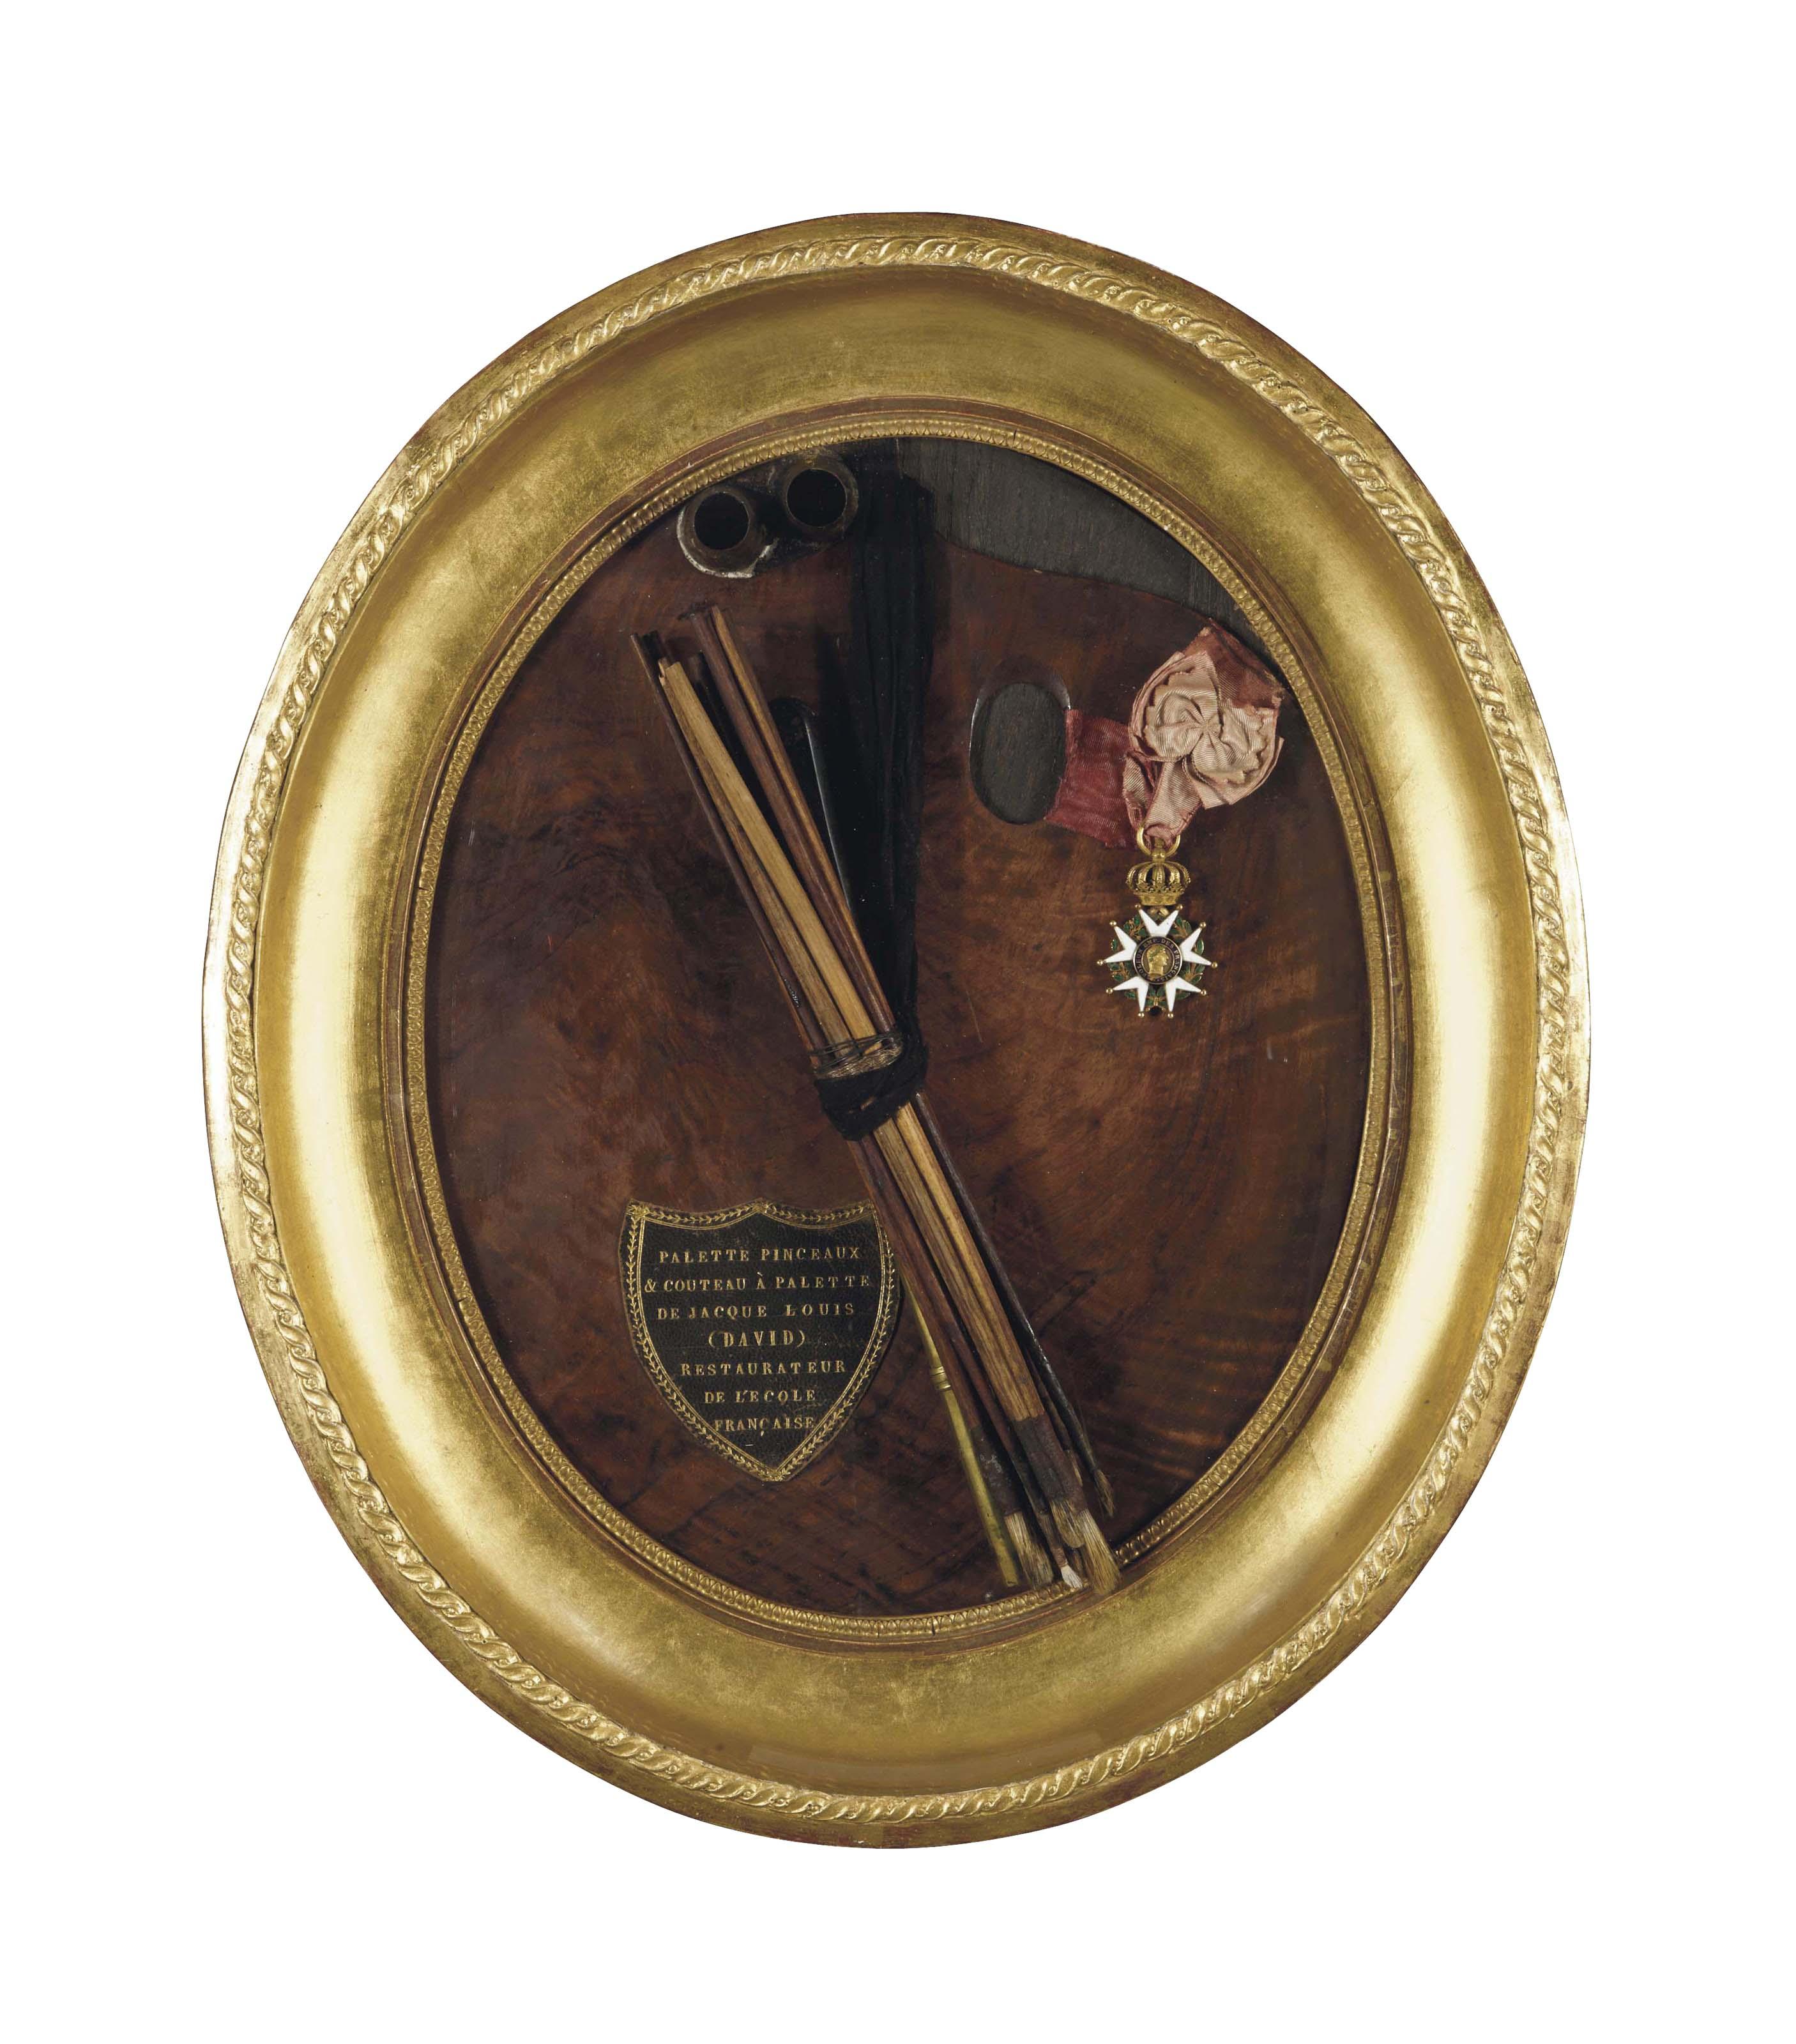 PALETTE DU PEINTRE JACQUES-LOUIS DAVID (1748-1825)